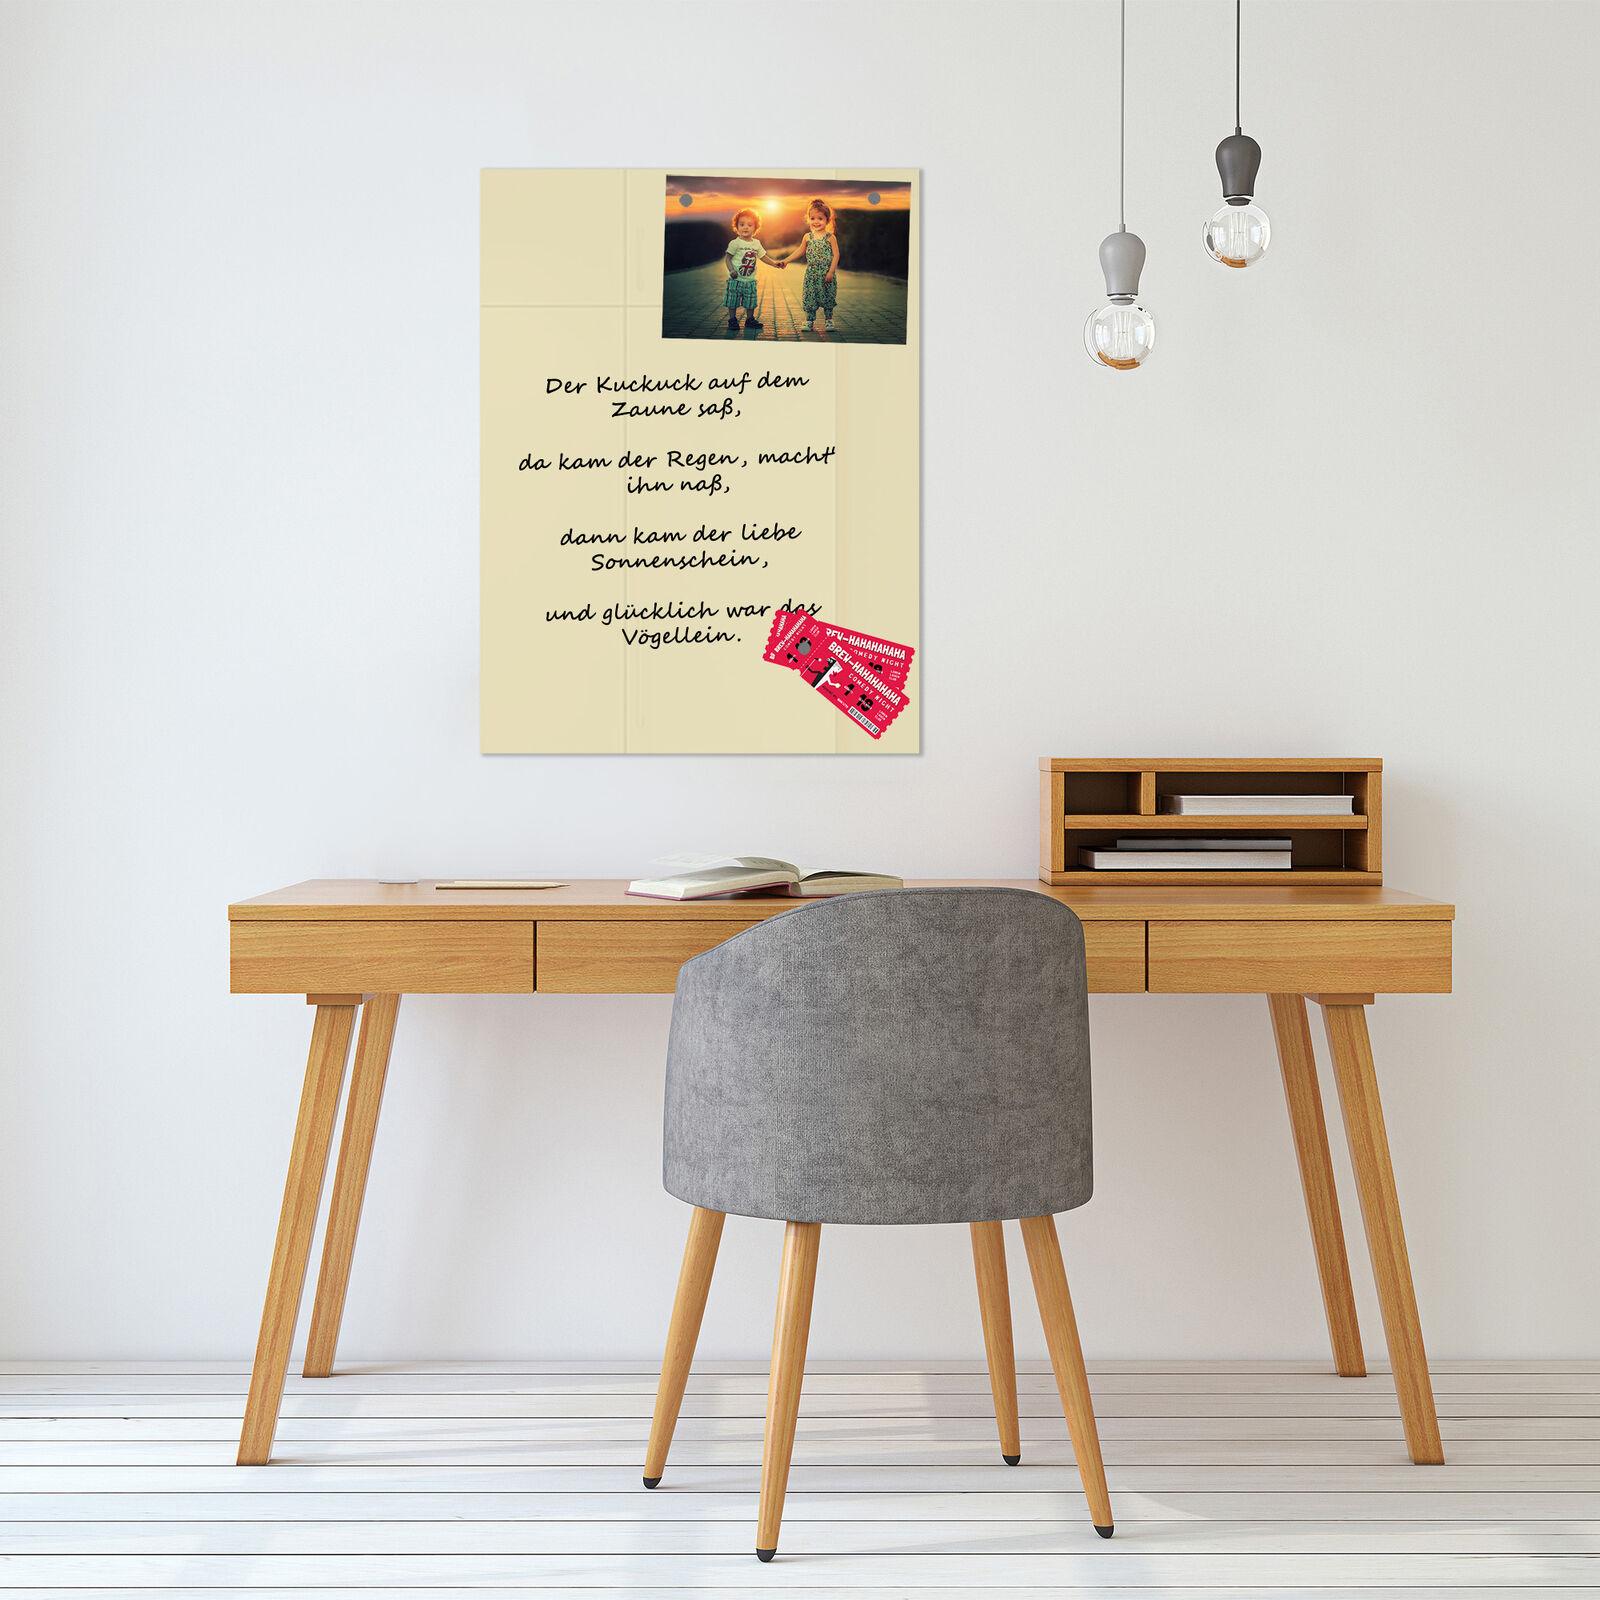 Full Size of Pinnwand Küche Glas Magnettafel Beige 60x80 Wand Mit Zubehr Whiteboard Wandverkleidung Miniküche Kühlschrank Mintgrün Geräten Raffrollo Deckenleuchten U Wohnzimmer Pinnwand Küche